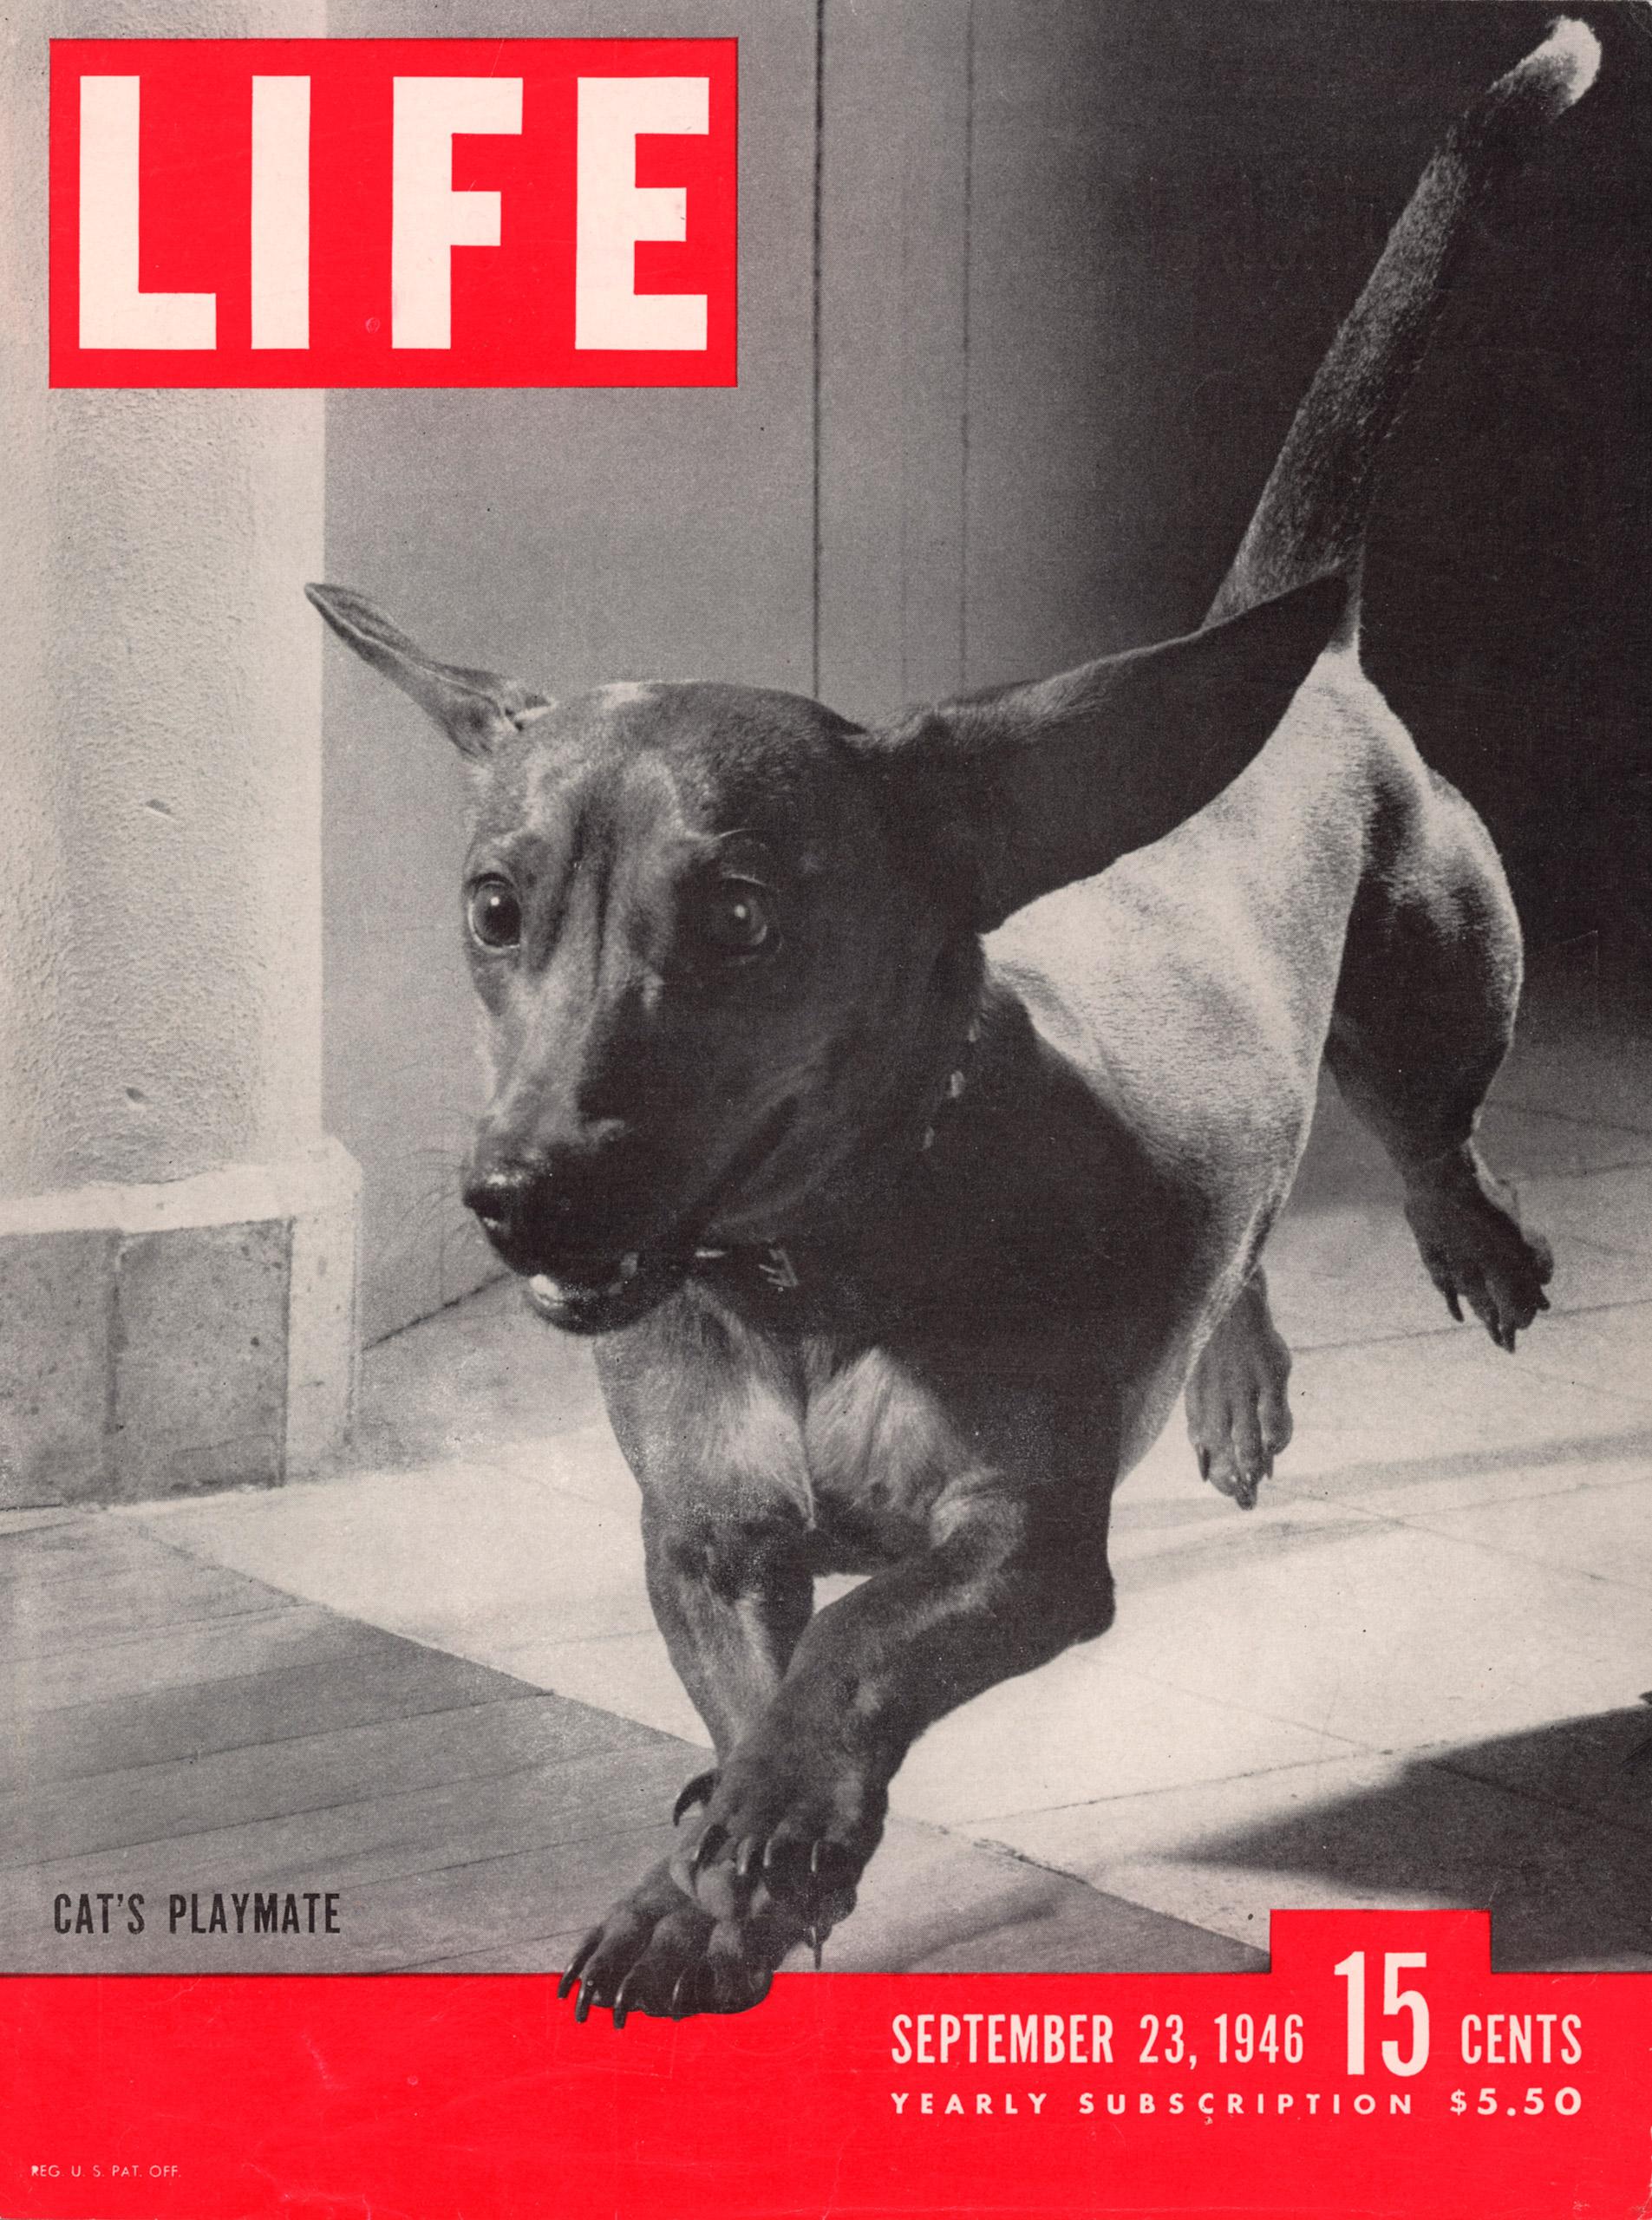 September 23, 1946 LIFE Magazine cover